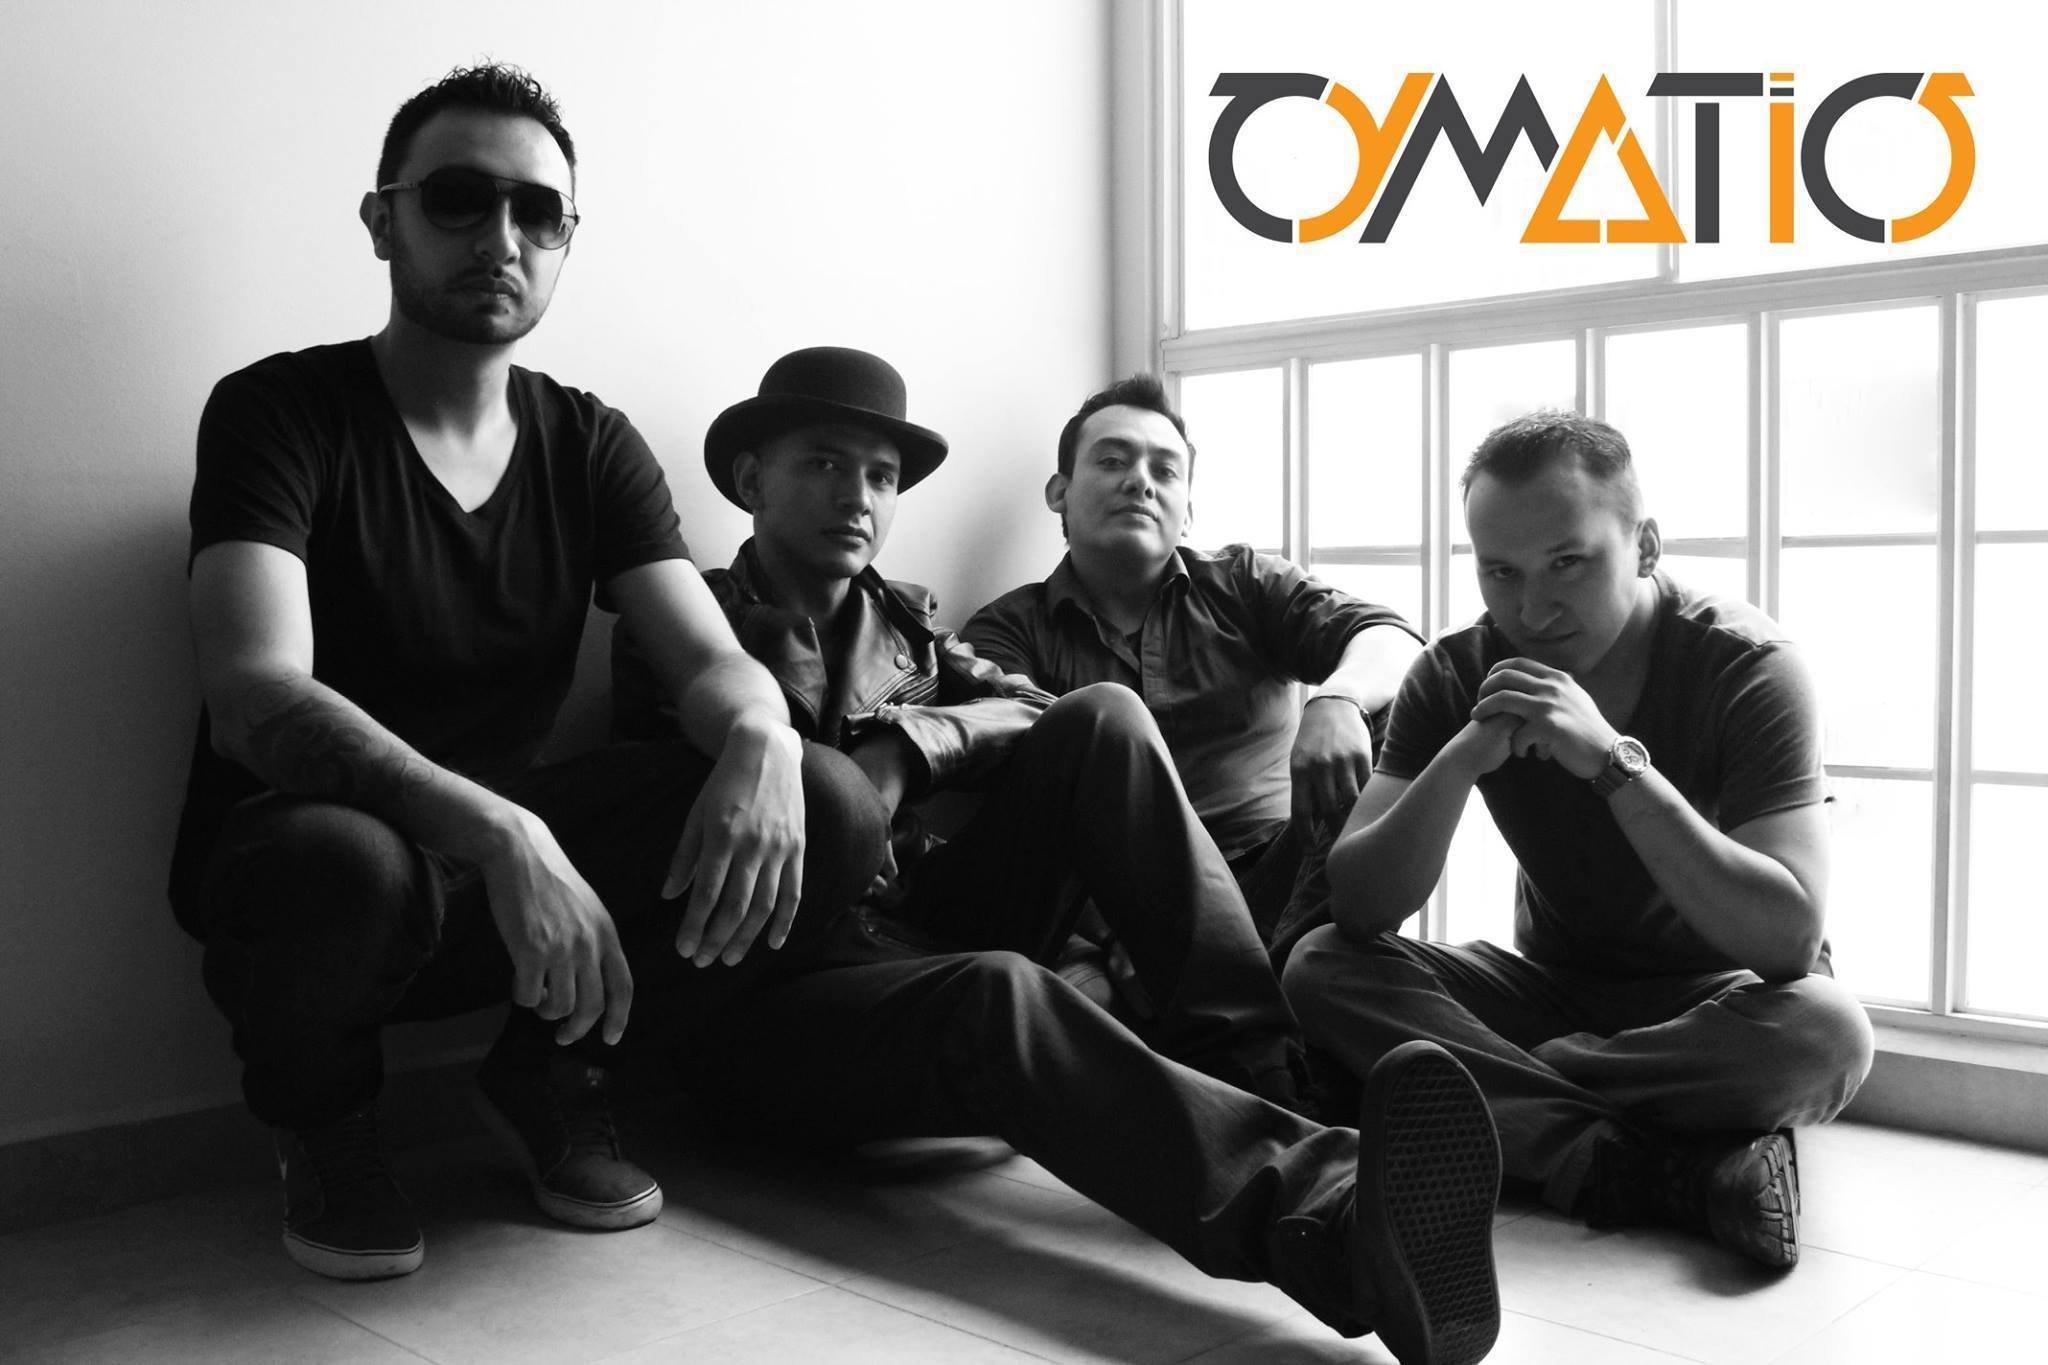 CYMATICS lanza su sencillo Don't Stop